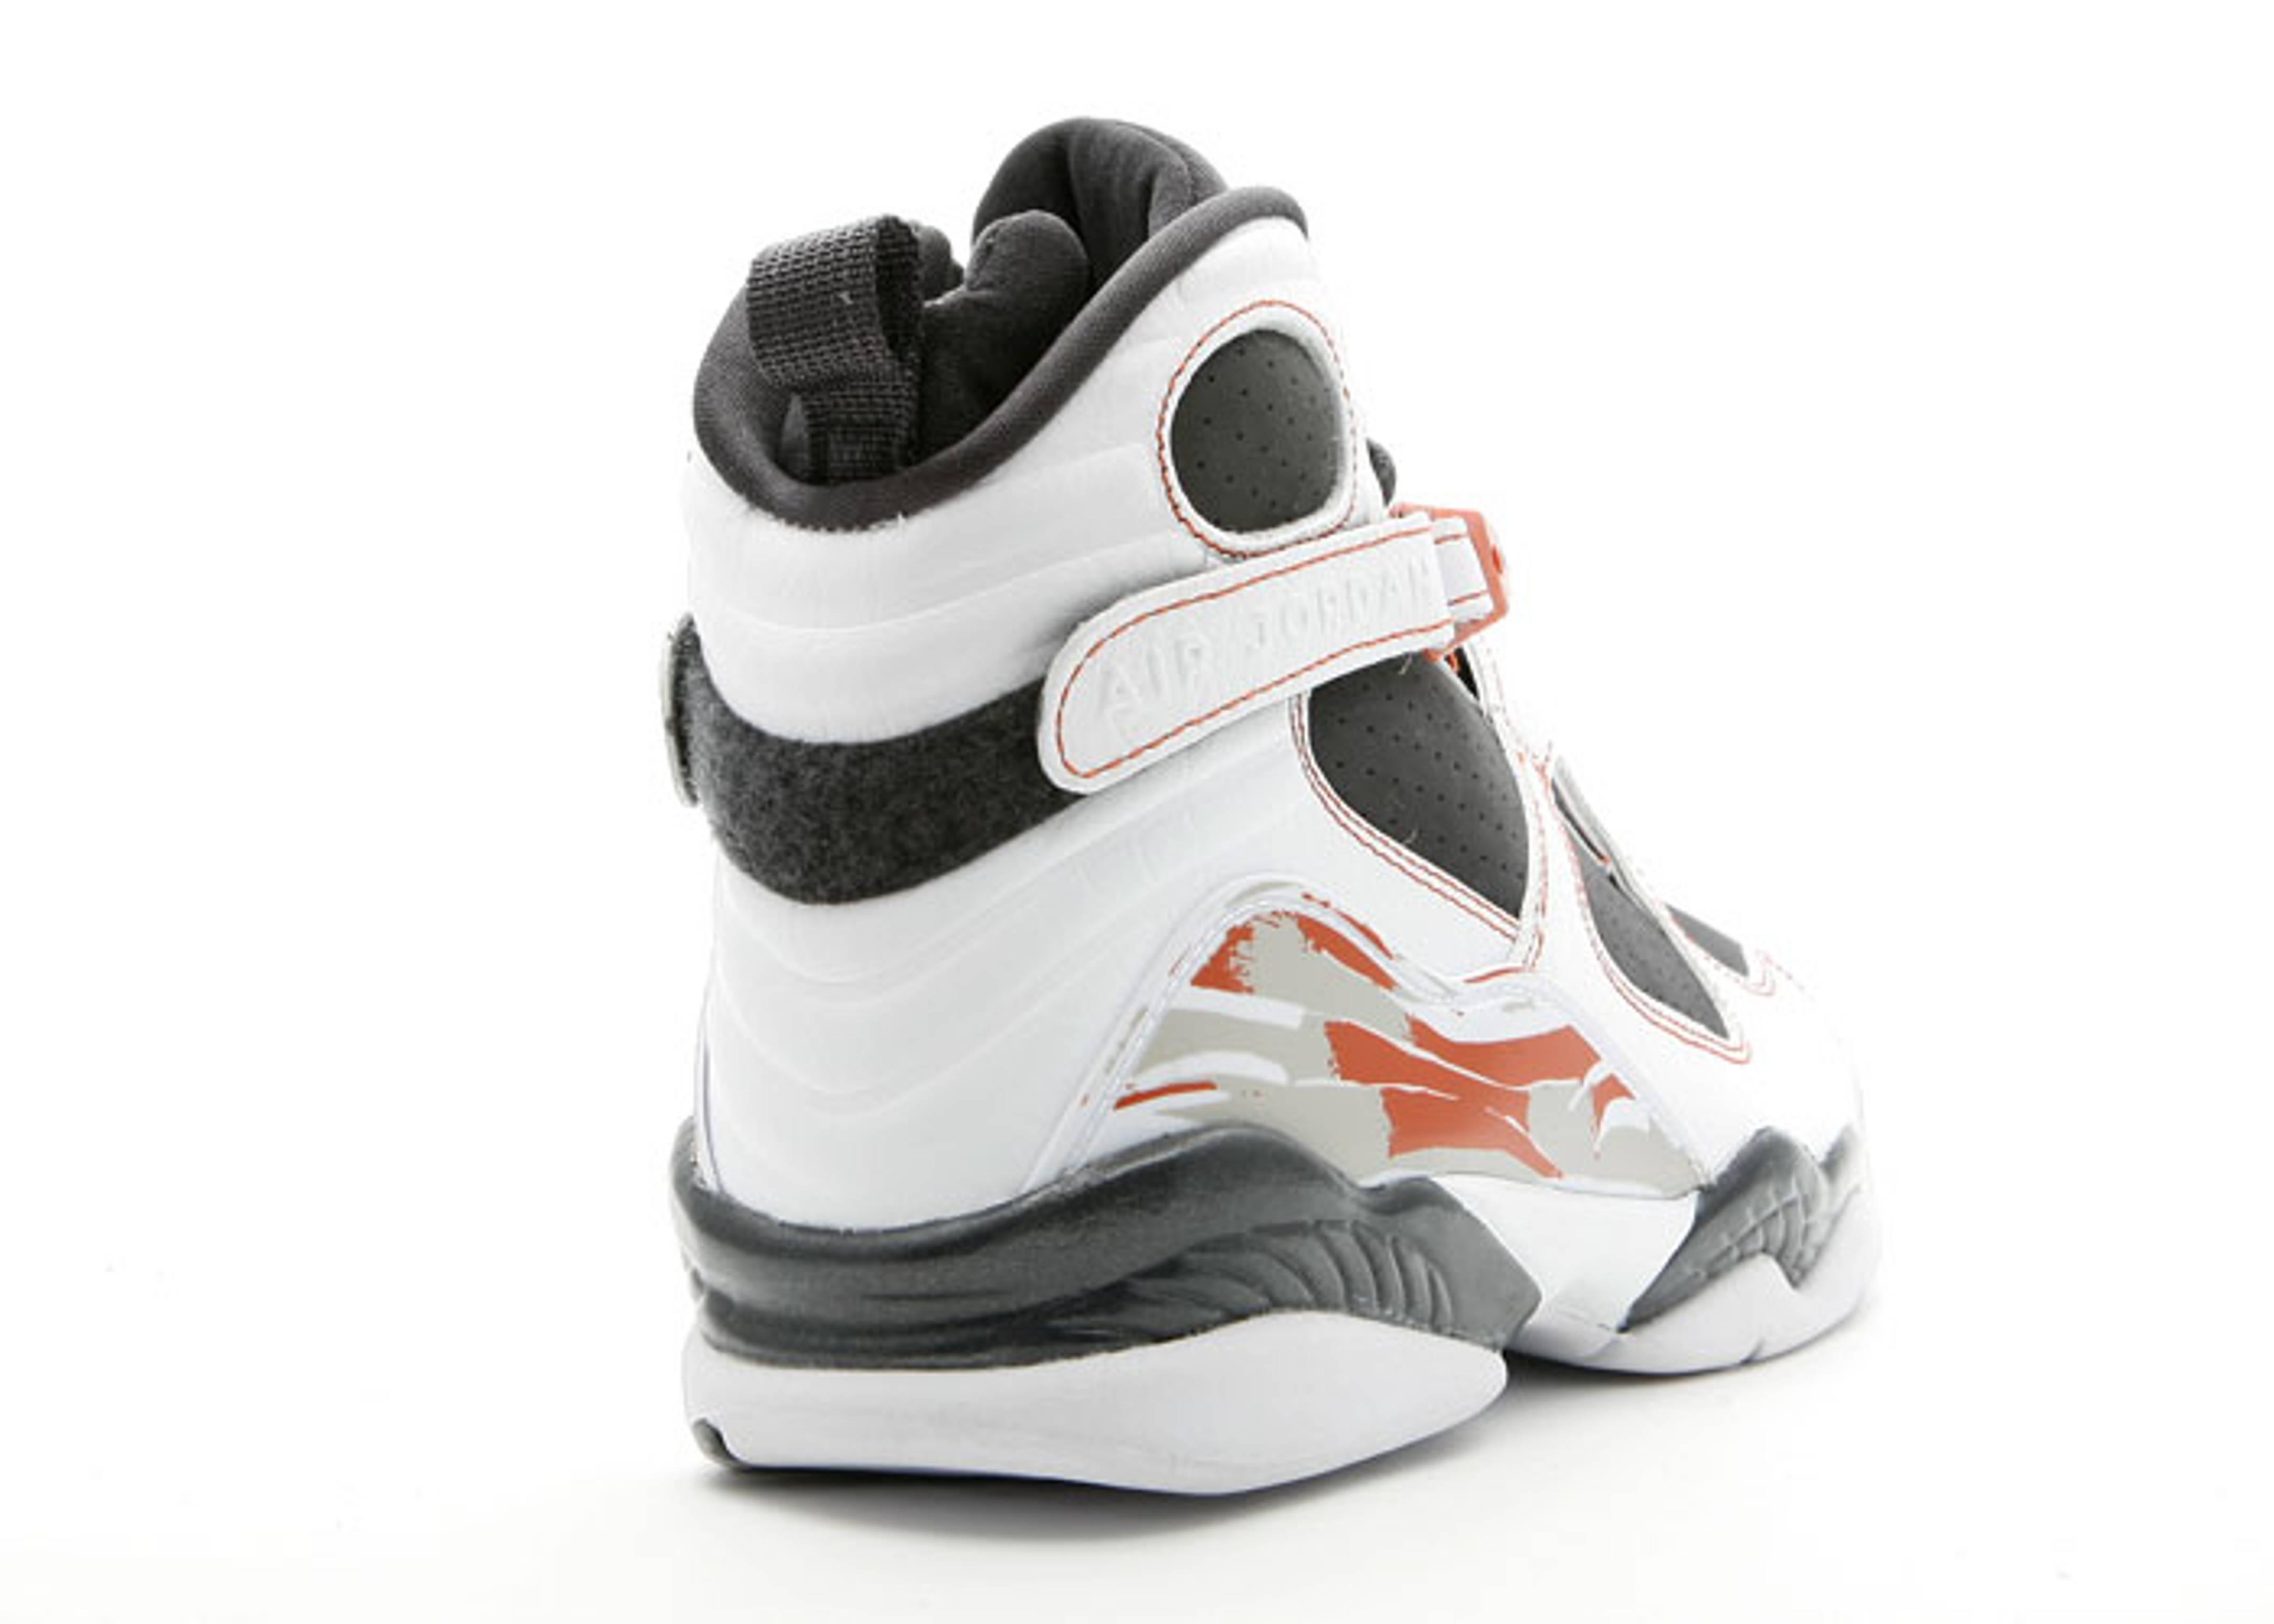 Mens Nike Air Jordan retro VIII 8 LS 2007 White Orange Antracite 317258-104 VI